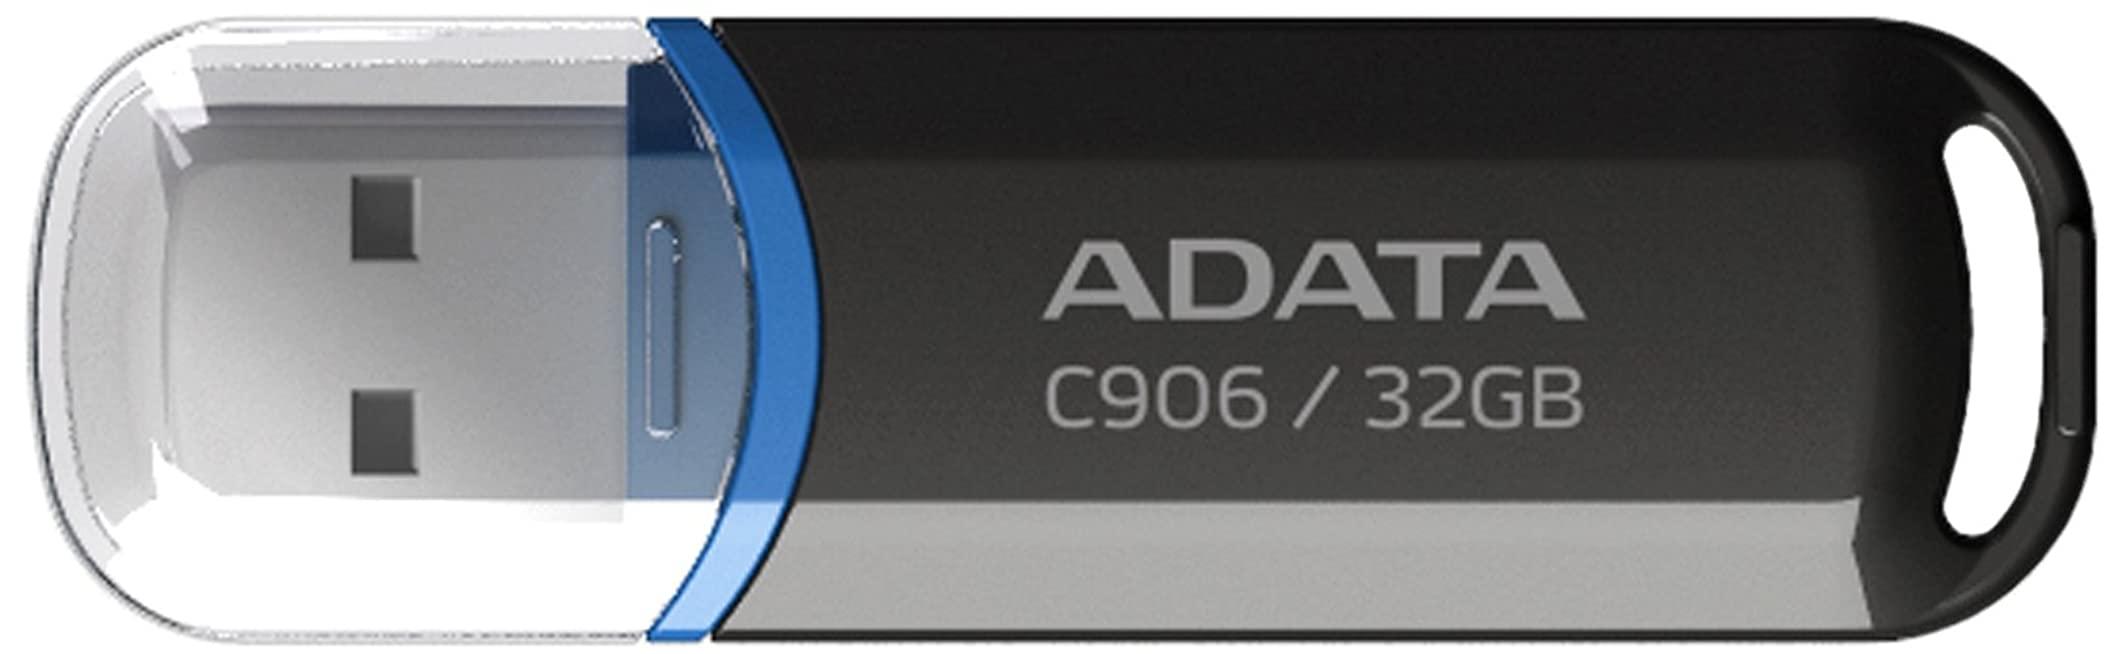 รับทำ ทรัมไดร์ฟ แฮนดี้ไดร์ฟ ราคาถูก Capless Flash-drive UV140 8gb